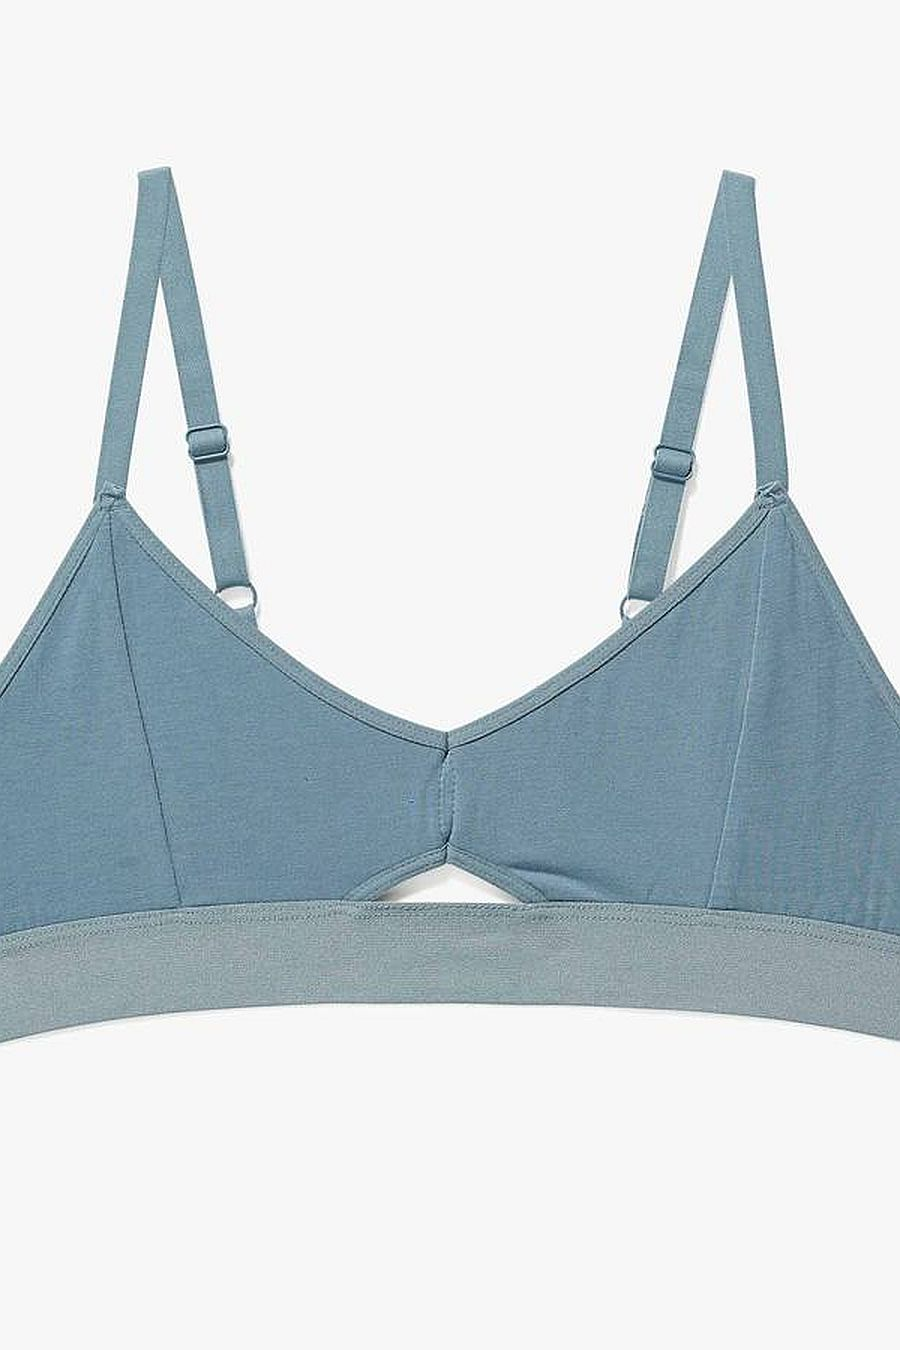 Richer Poorer Cutout Bralette - Blue Mirage